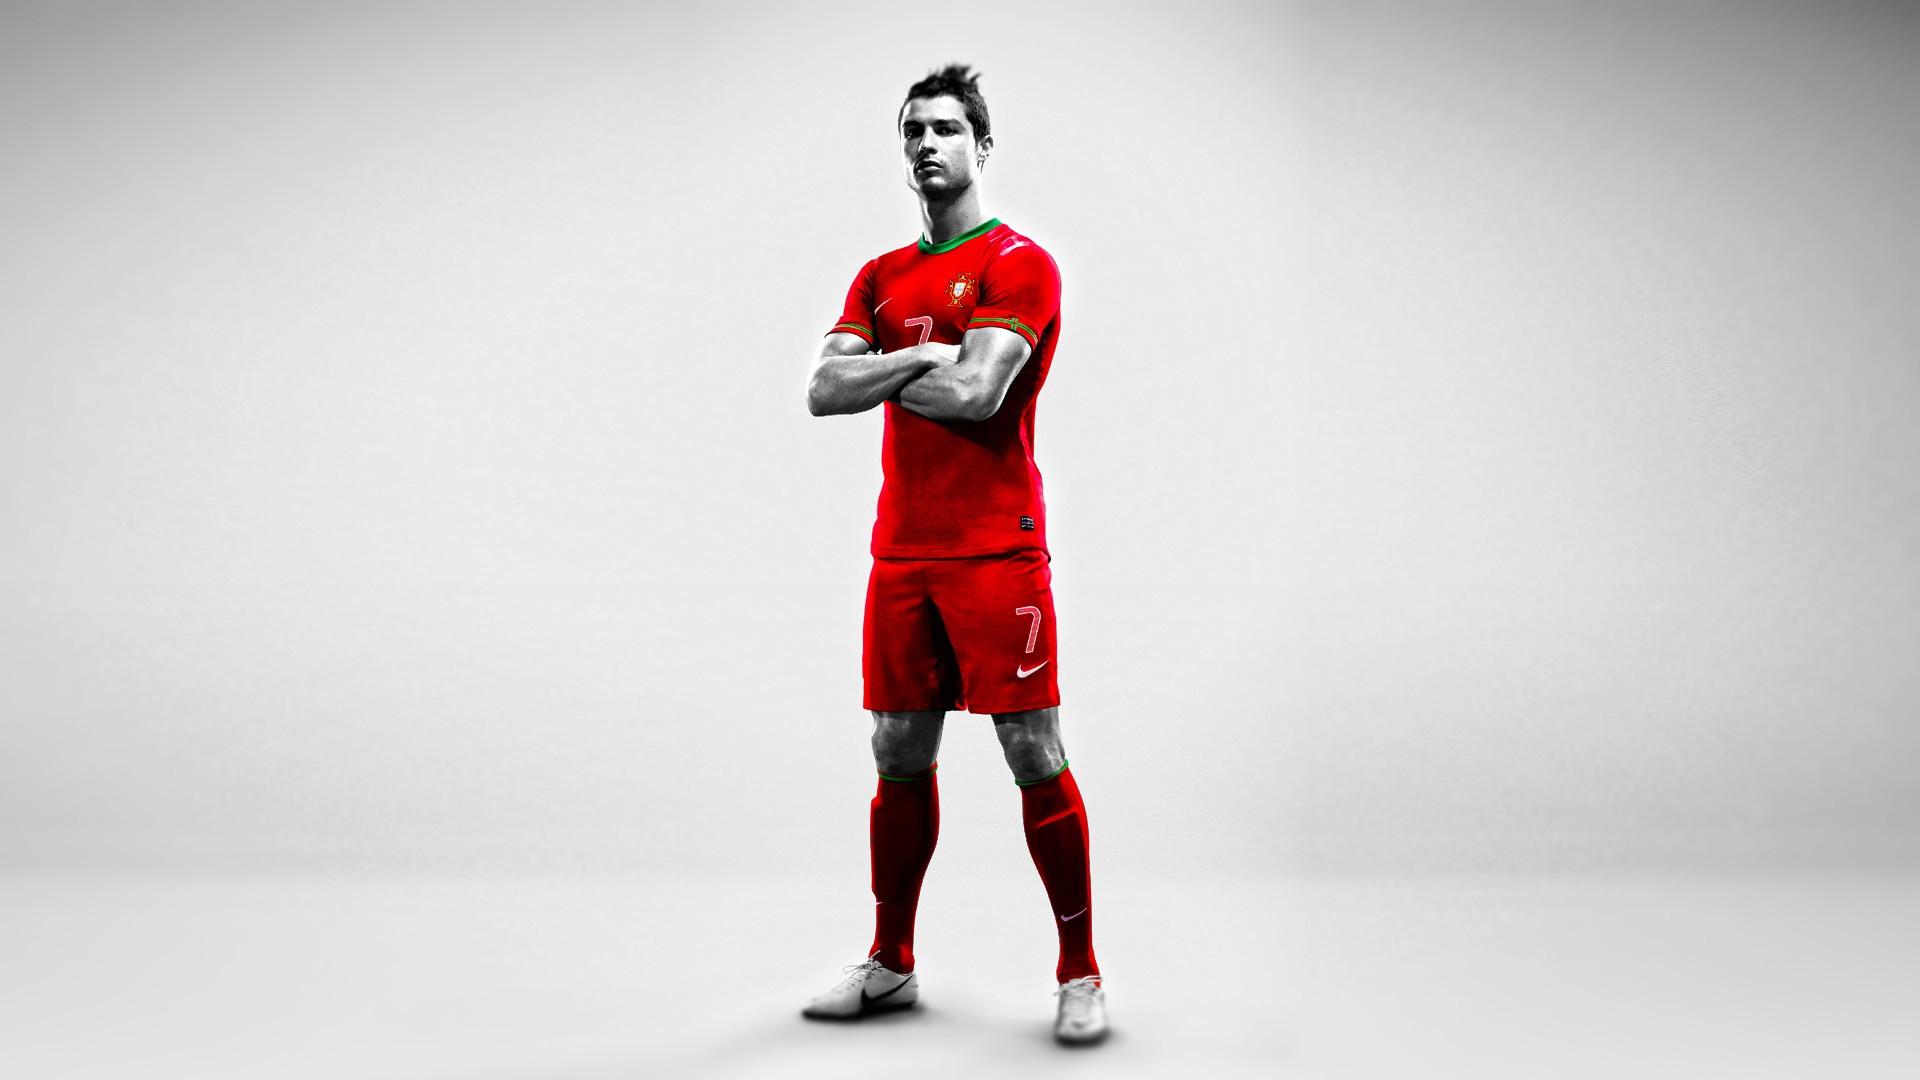 Cristiano Ronaldo Red Portugal Jersey Wallpaper